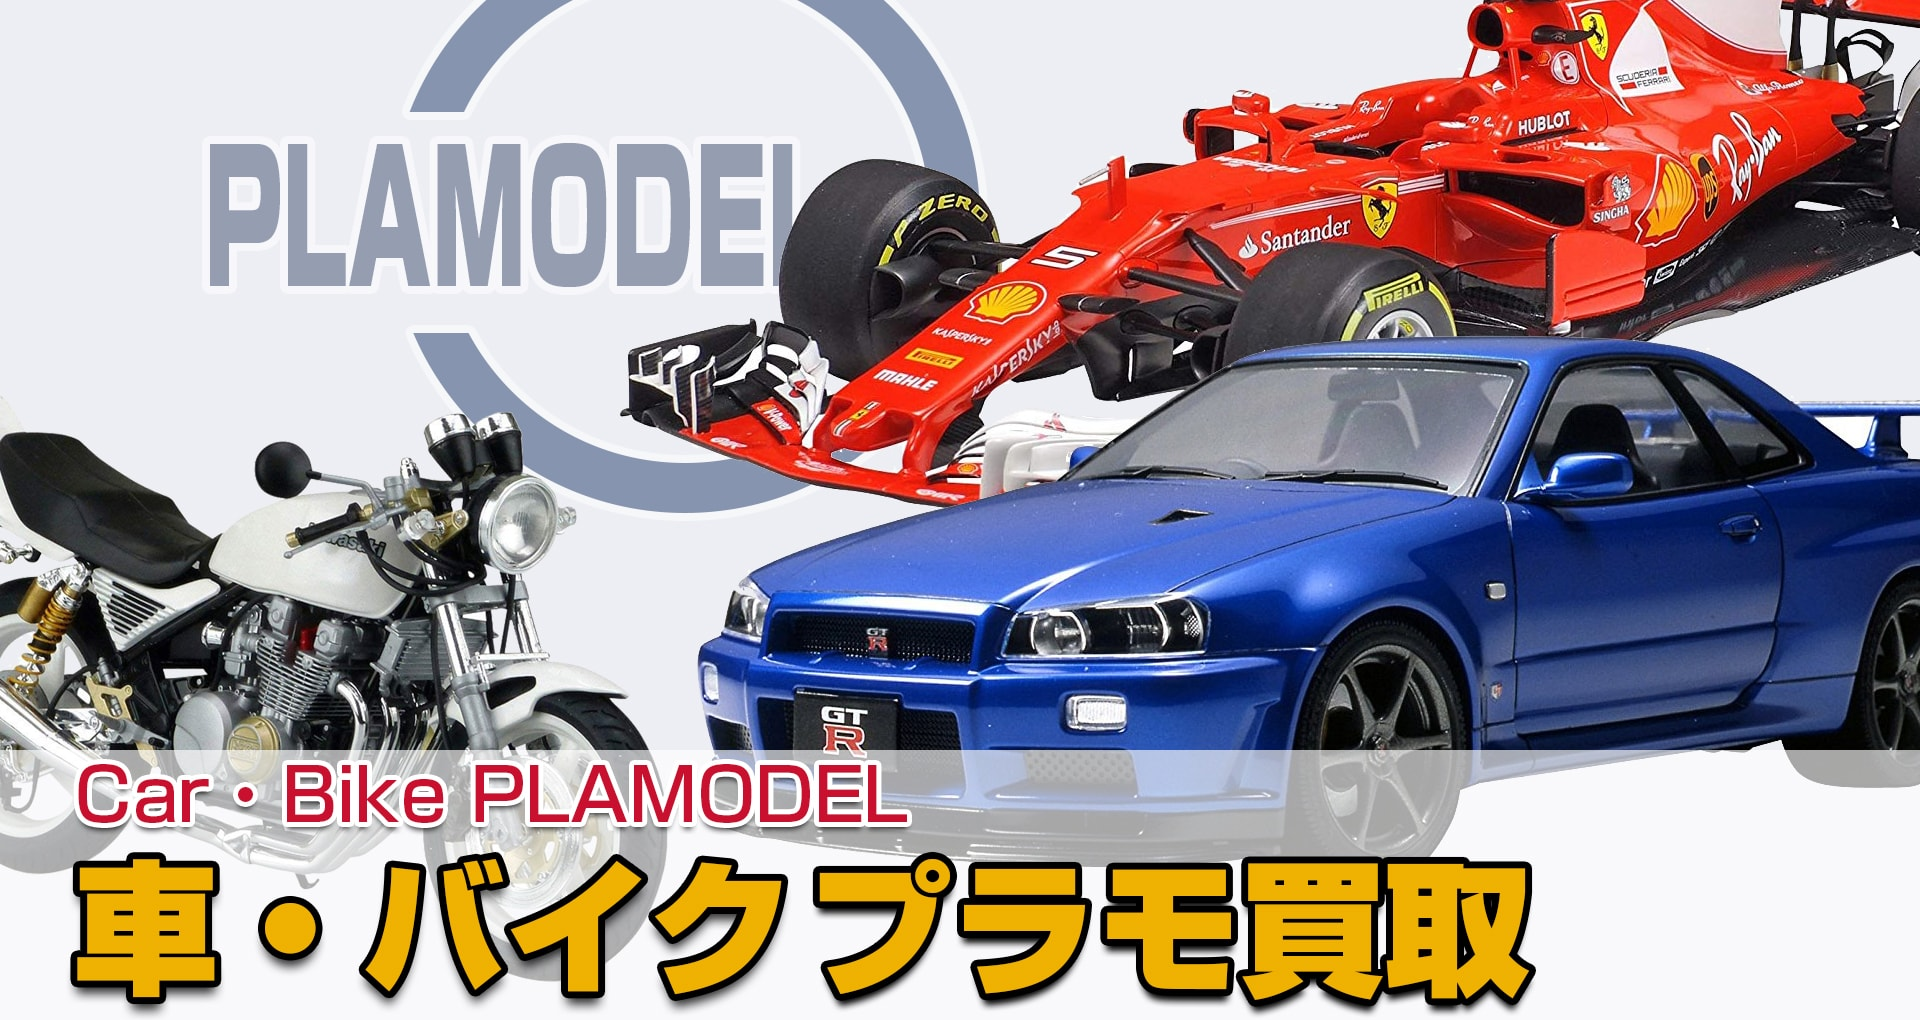 車・バイクプラモデル高価買取